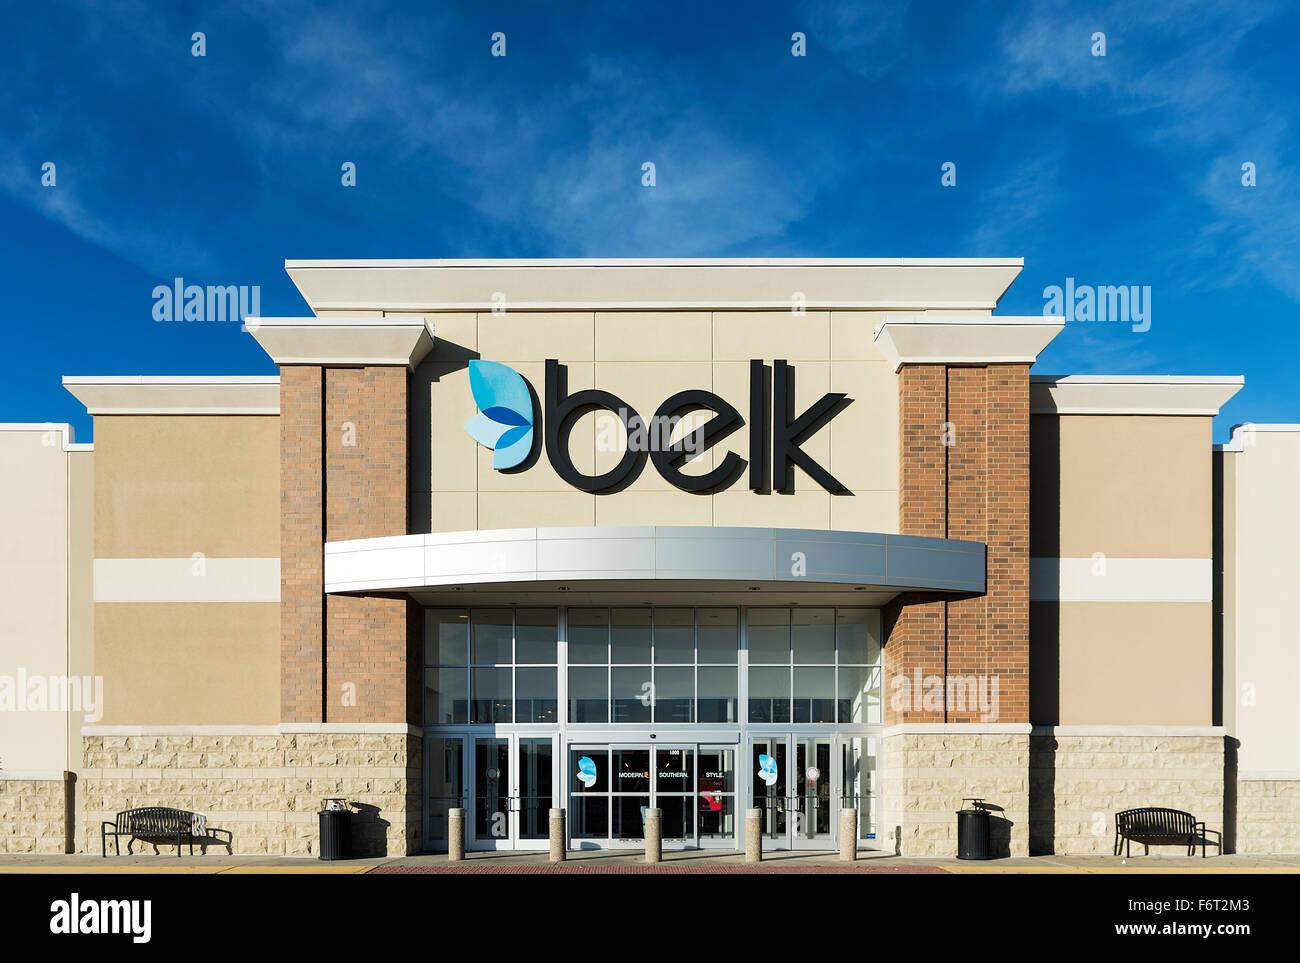 Belk department store exterior. - Stock Image